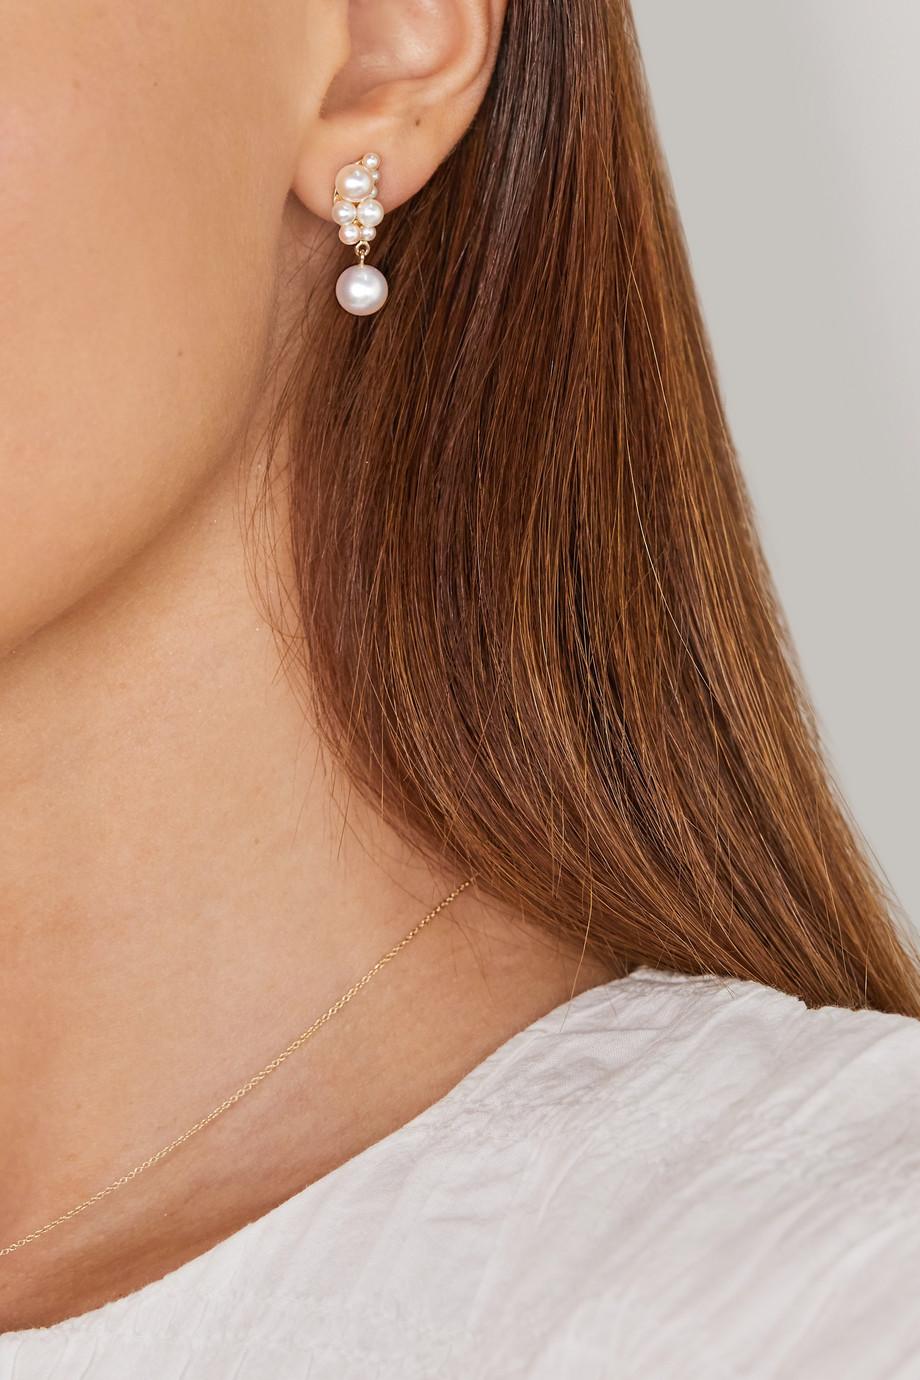 Sophie Bille Brahe Petite Corail Ohrring aus 14 Karat Gold mit Perlen